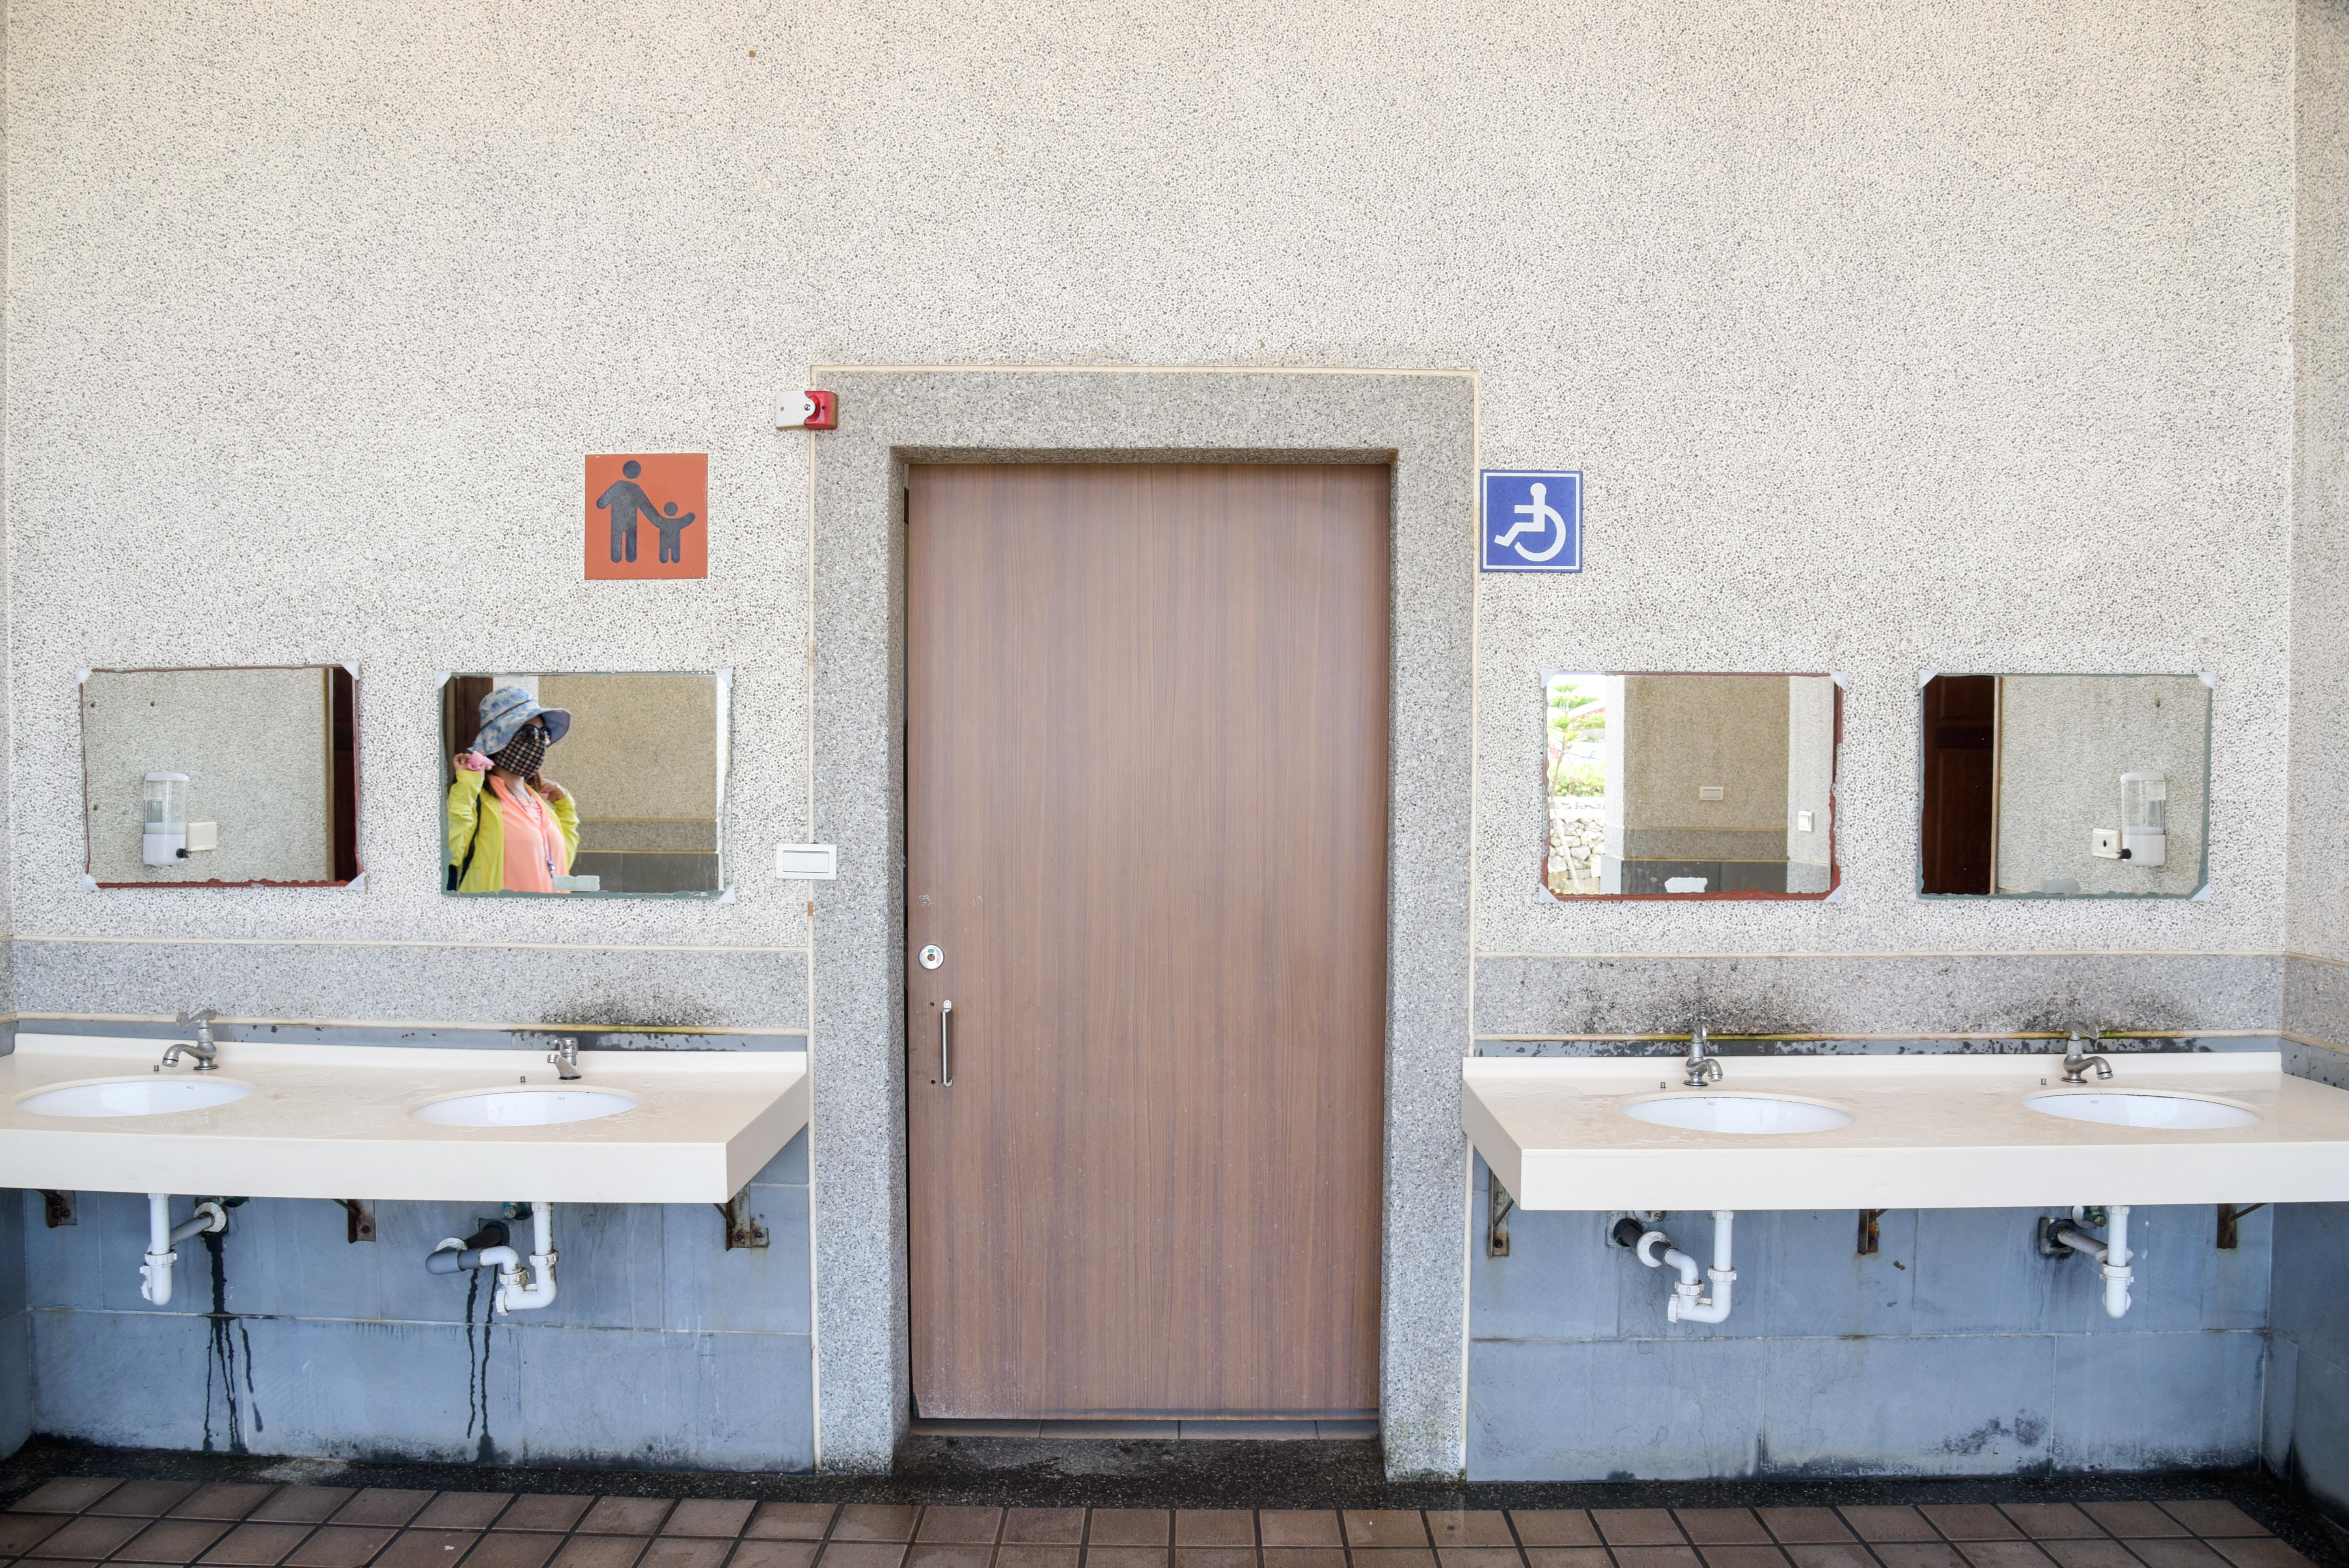 車いす対応トイレの外観